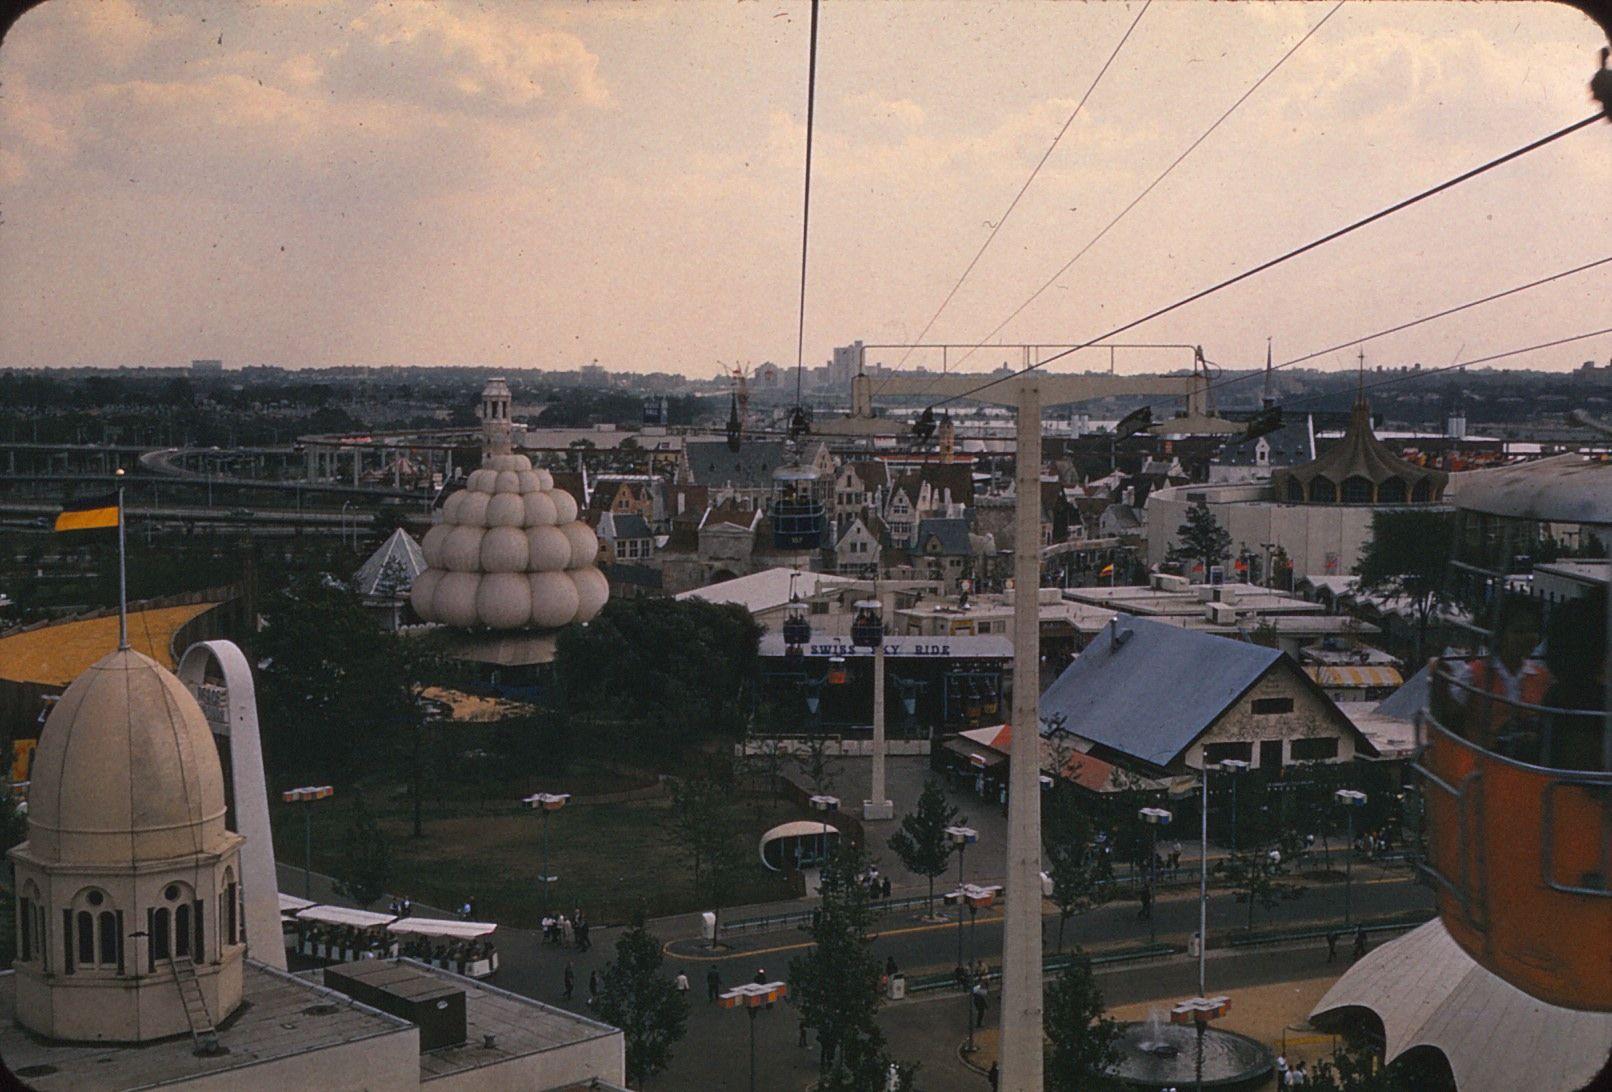 64 Worlds Fair__Richard Grier 17.jpg